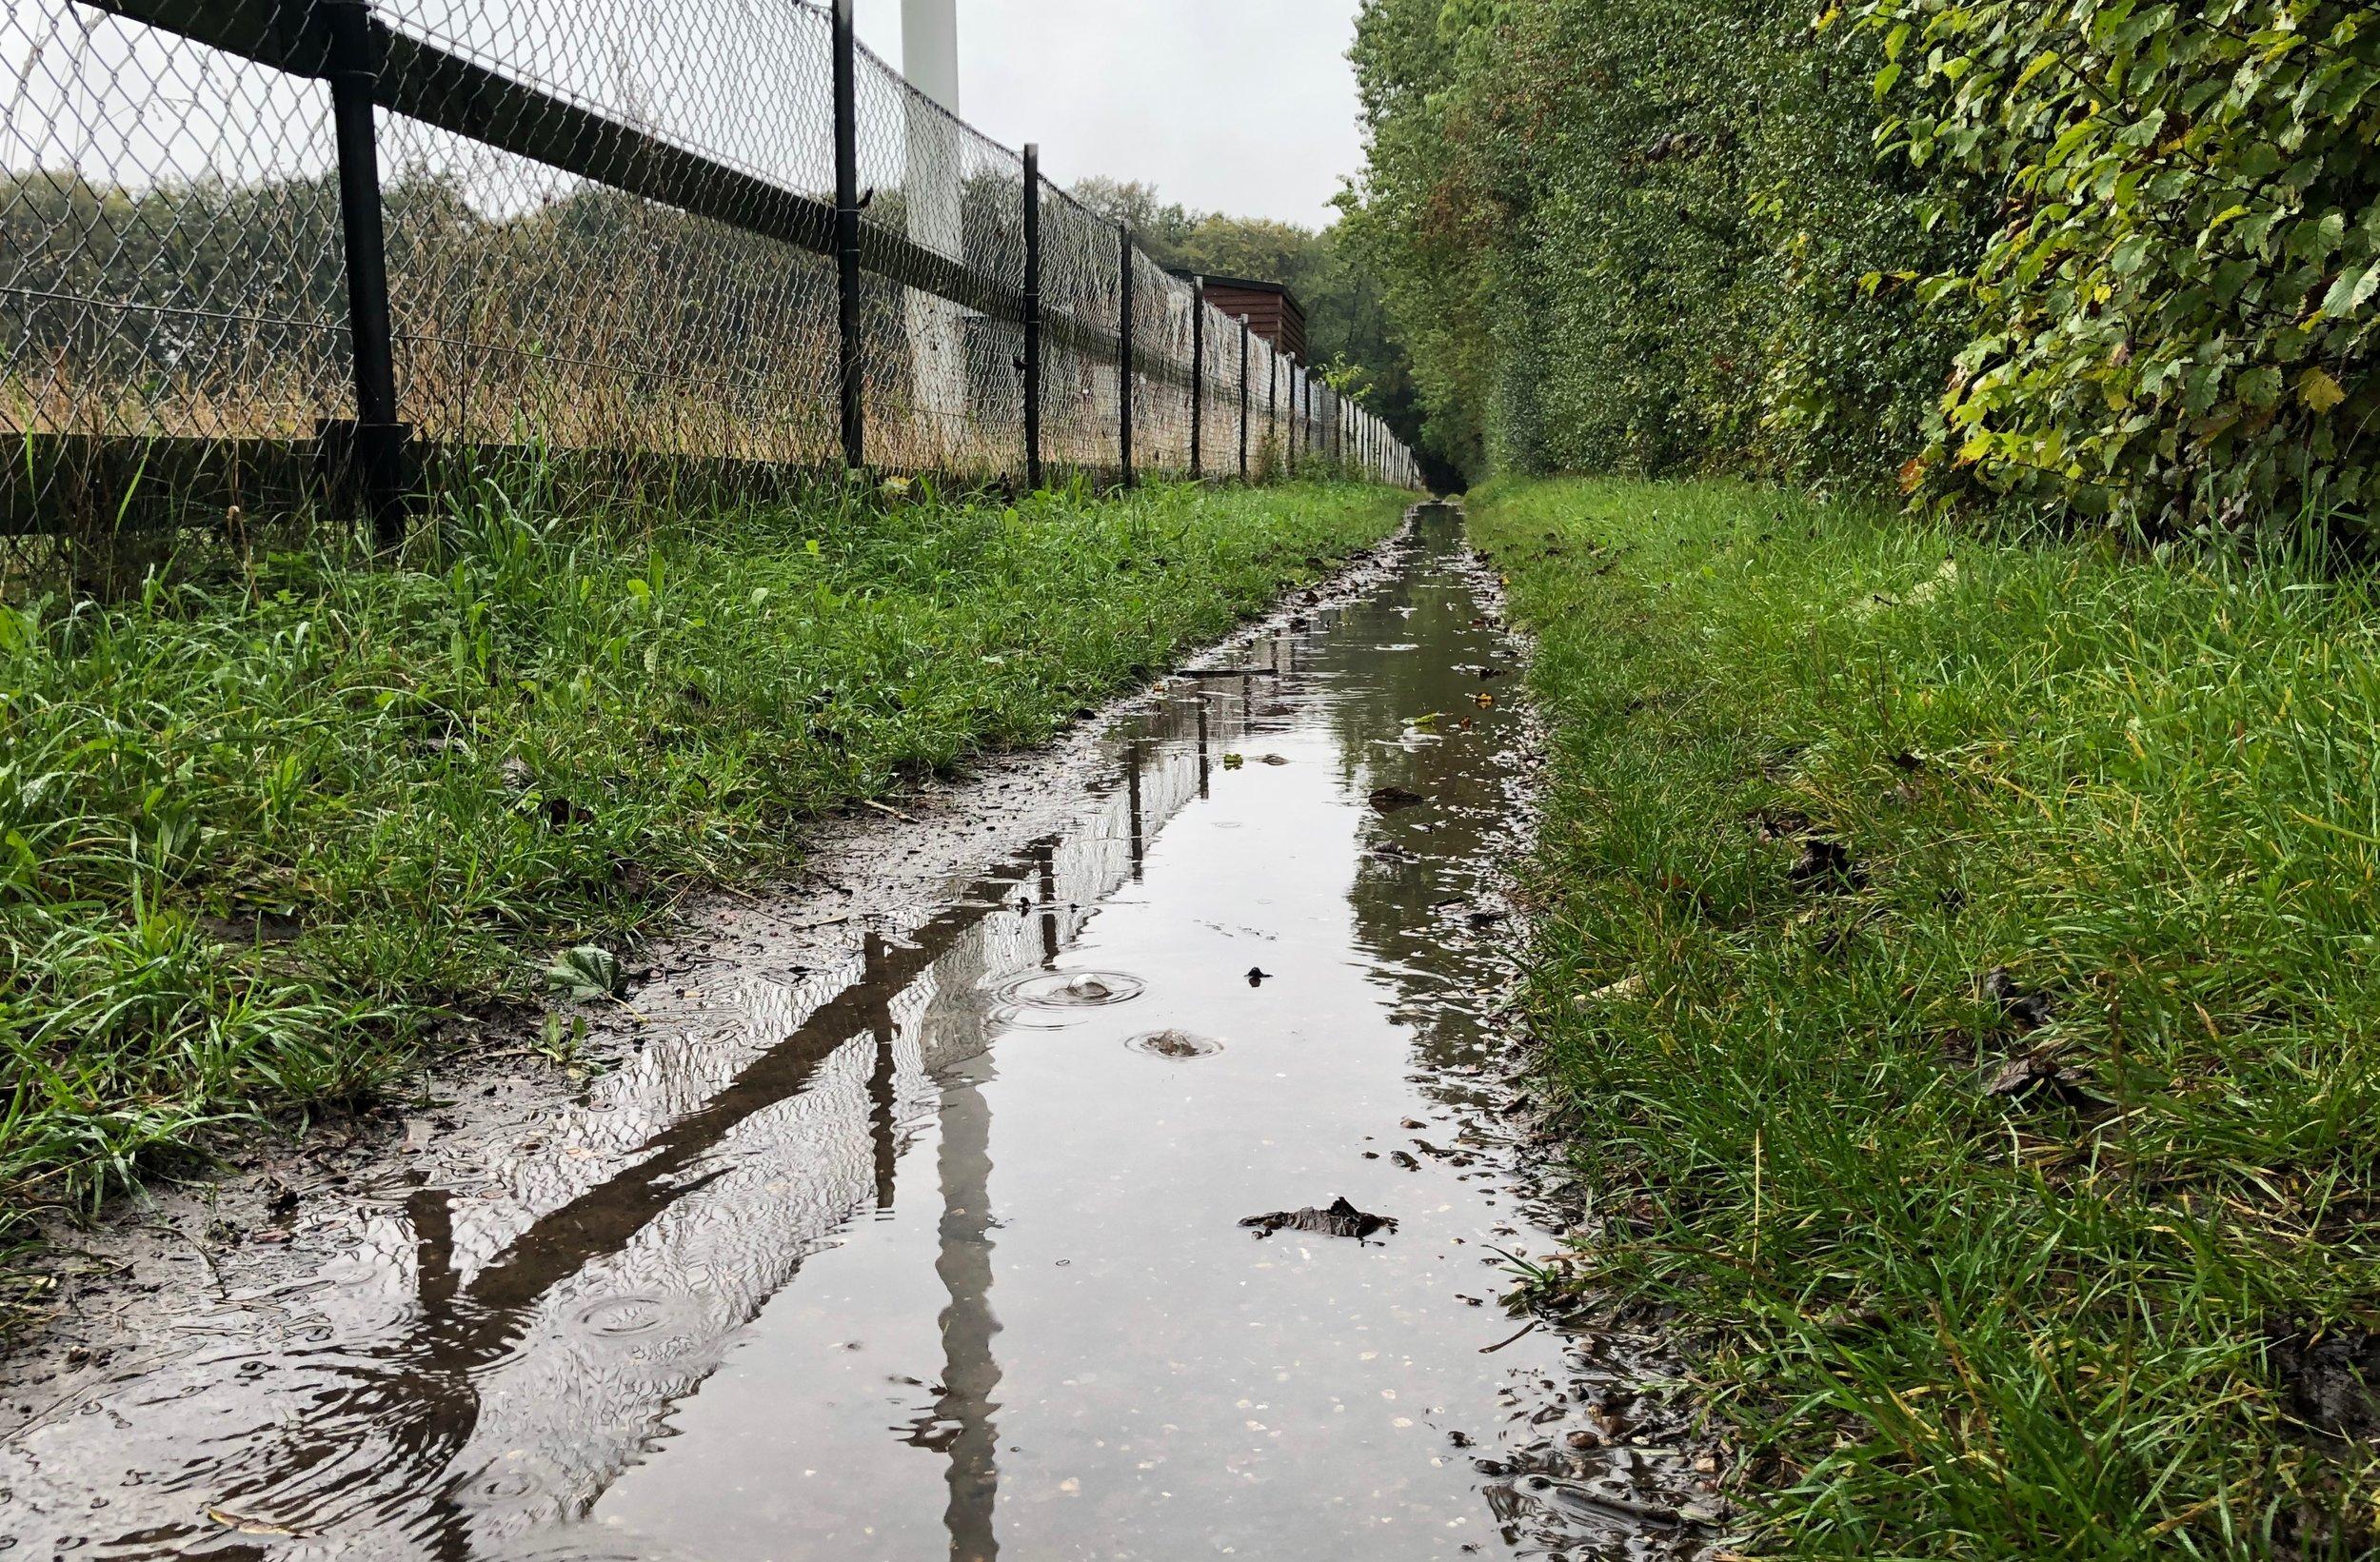 Når det har regnet, er det en mudret sti og fyldt med vand, som man skal passere, hvis man vil besøge Tokkekøb Hegn. Foto: AOB